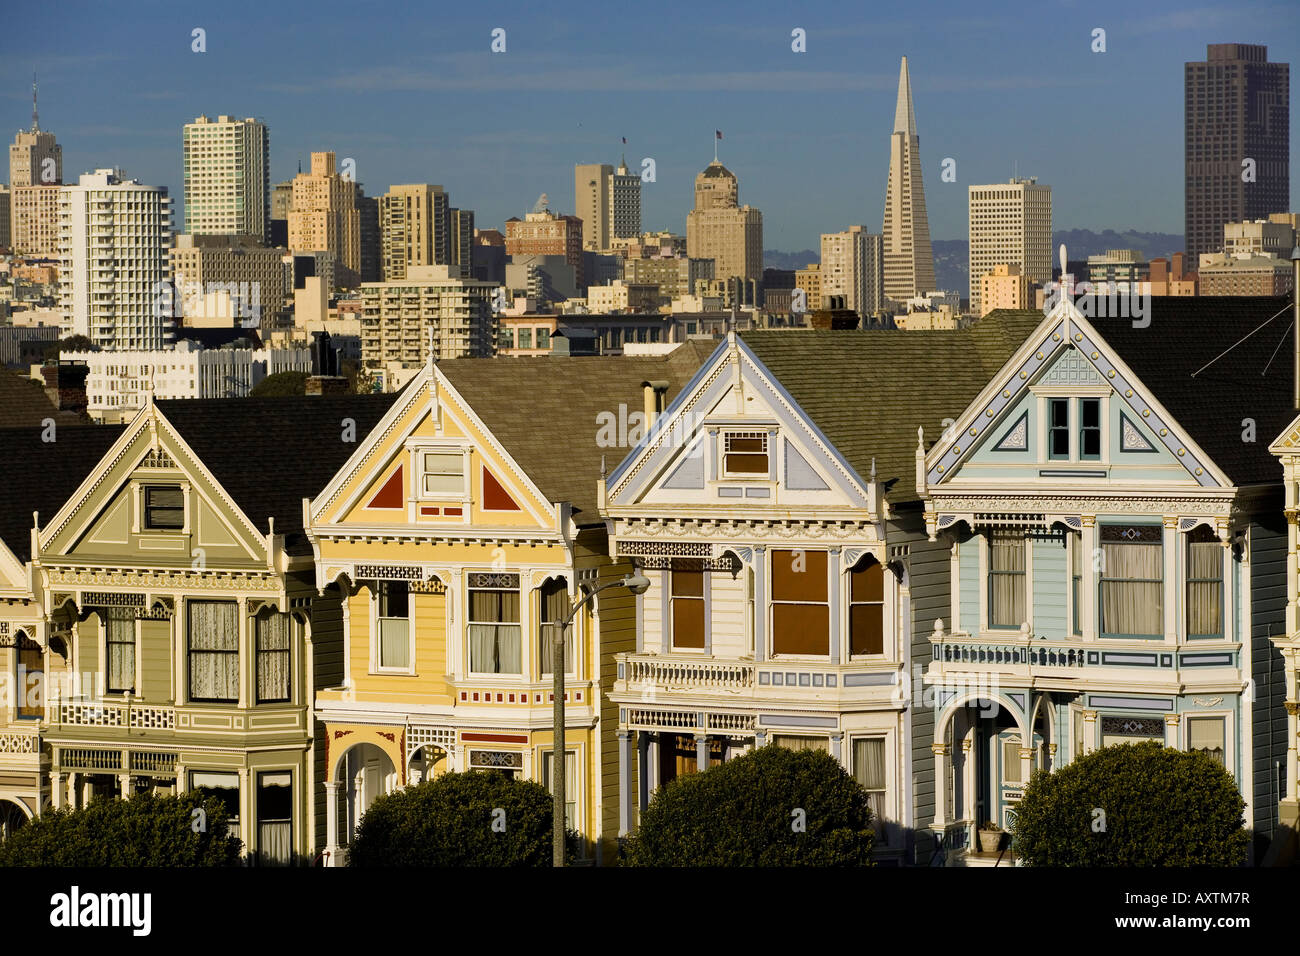 Vittoriano ristrutturato case e dello skyline di San Francisco. Immagini Stock